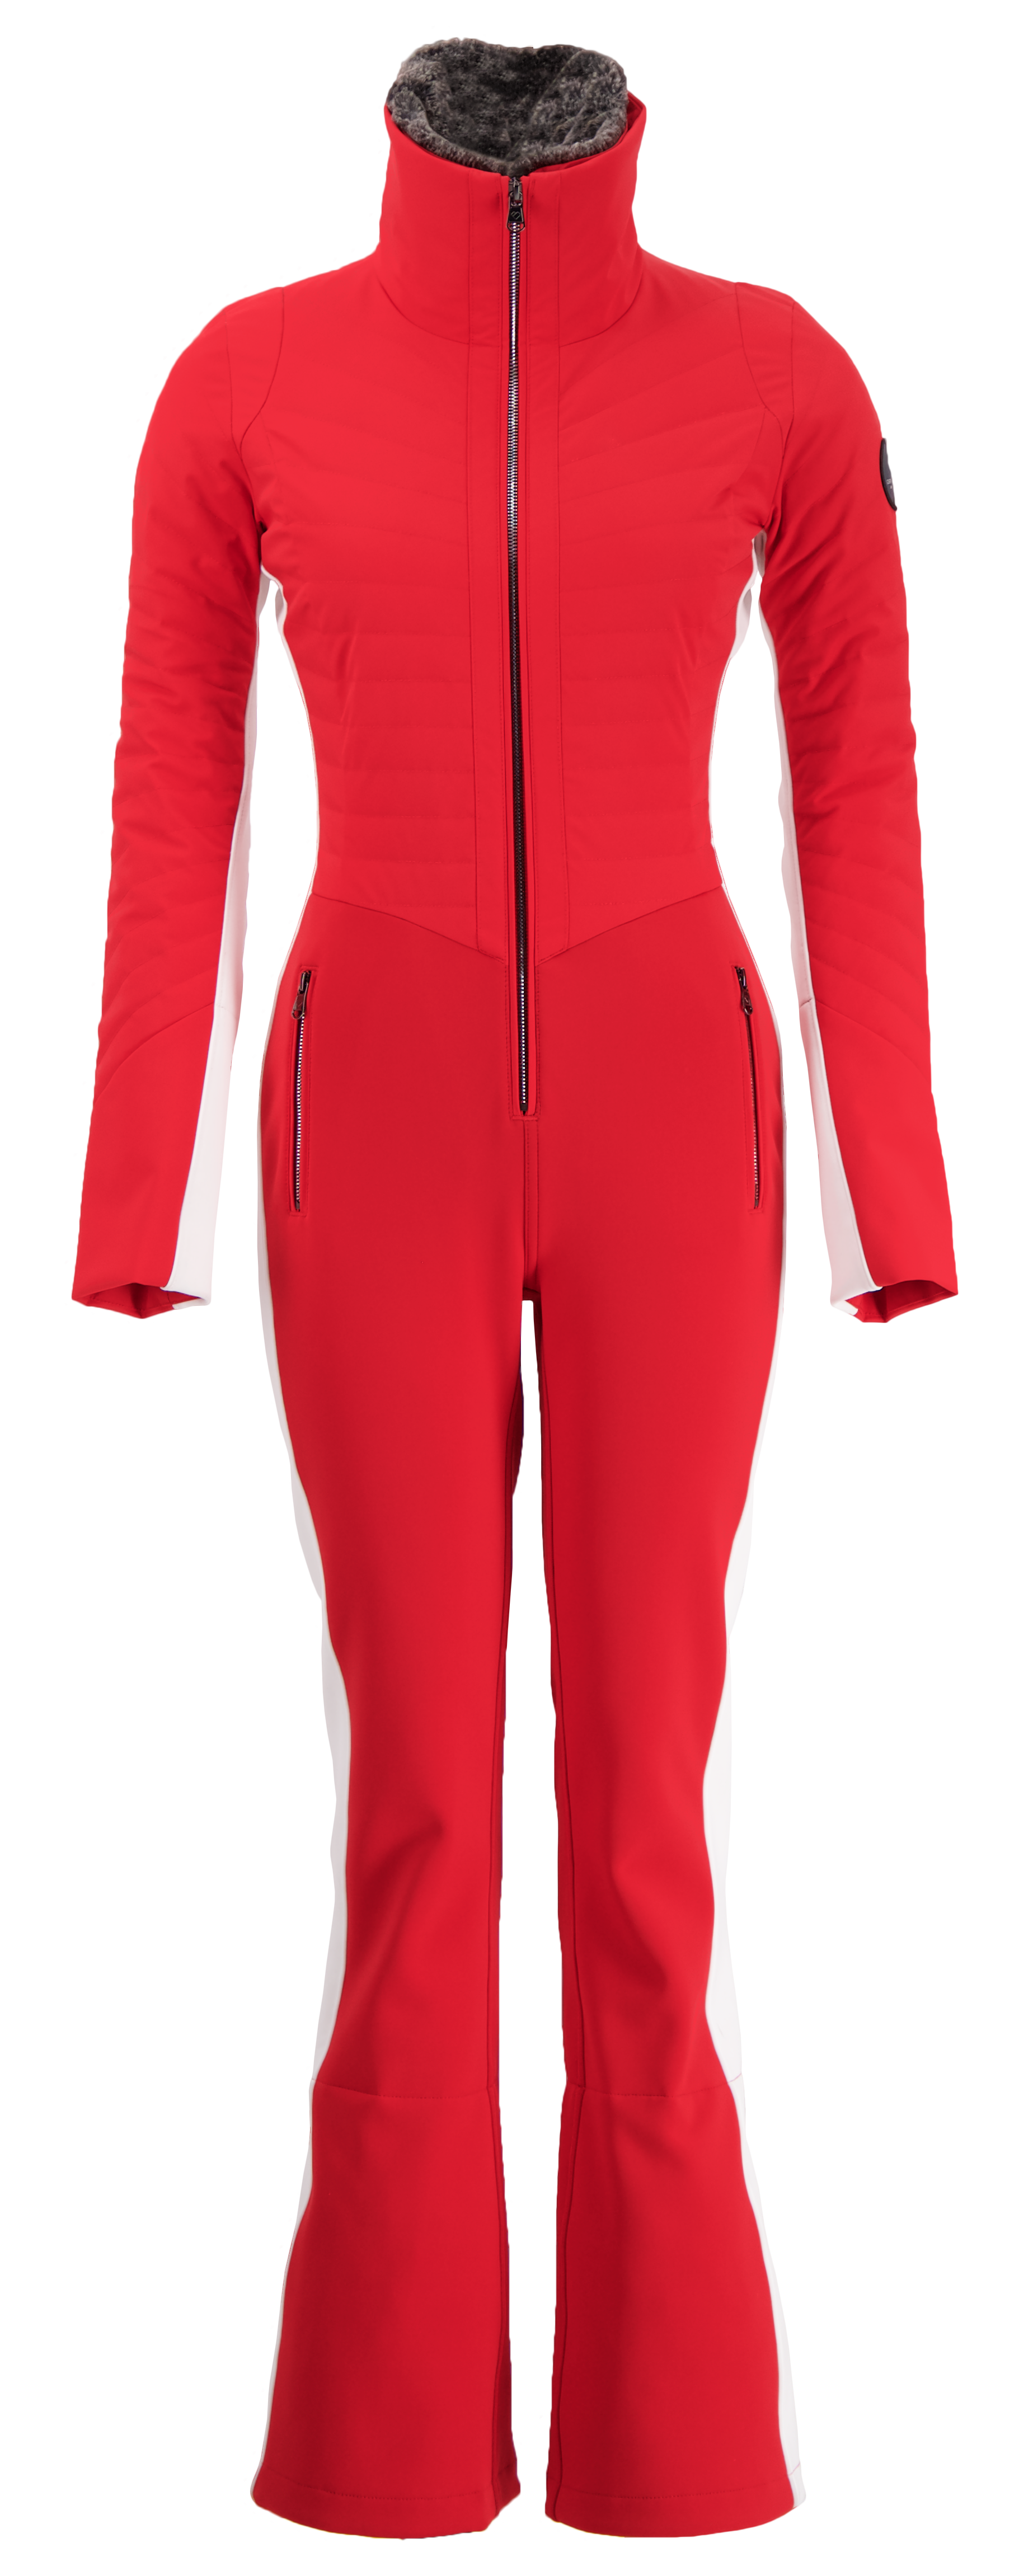 2016 Women's K2 FulLUVit 98 Ti